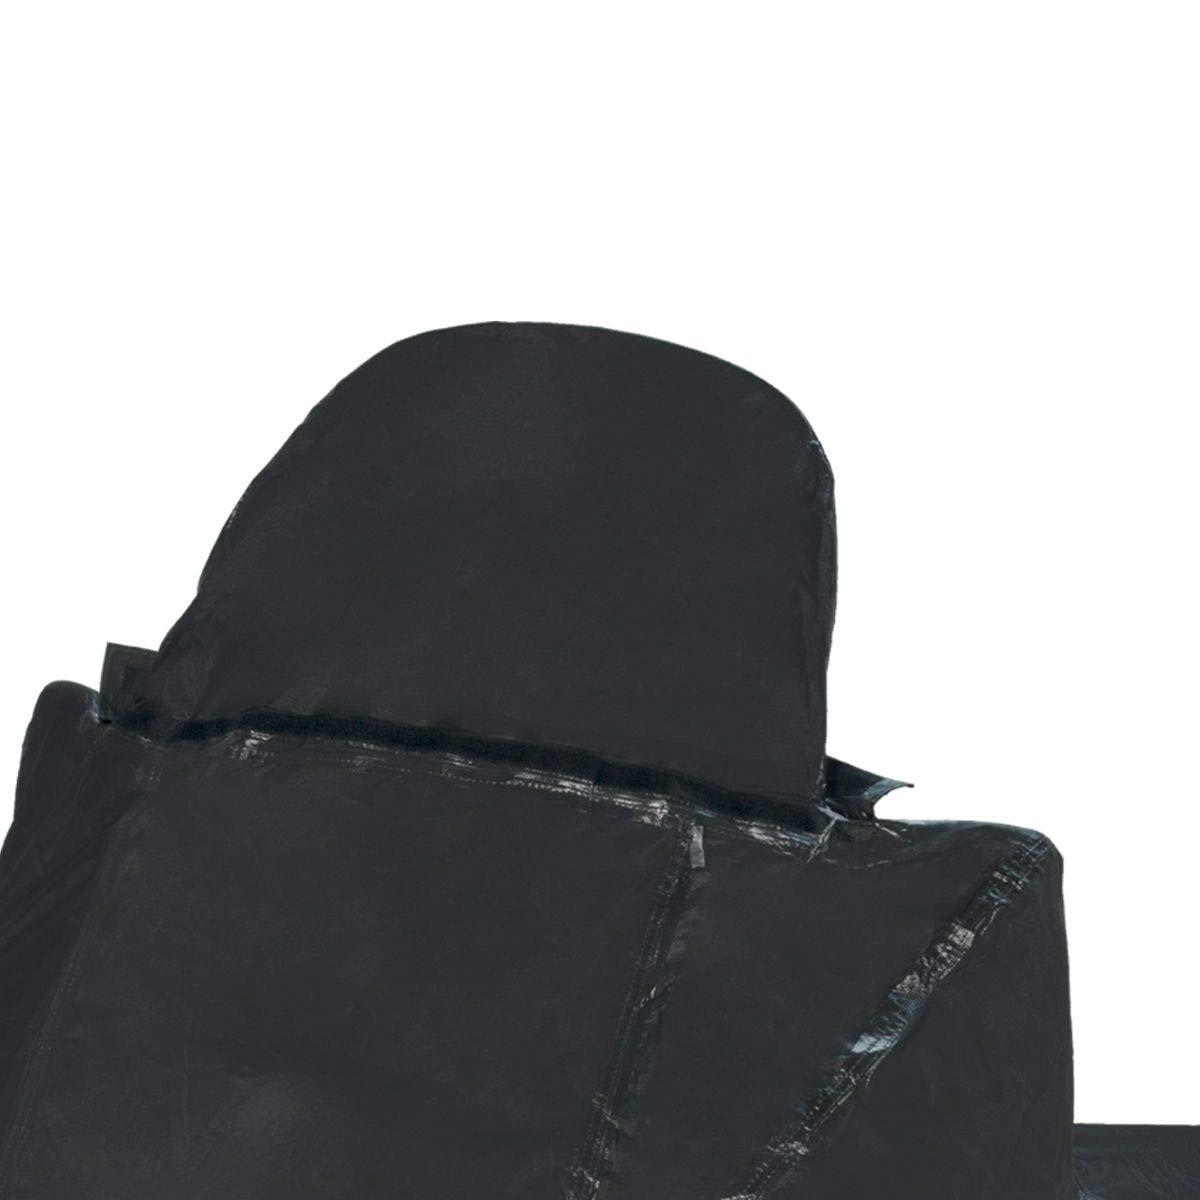 Nero, TJ MARVIN COPRISCOOTER COPRIMOTO telo impermeabile con fodera antigraffio prolunga per parabrezza e predisposizione per bauletto C18 229-89-170 cm